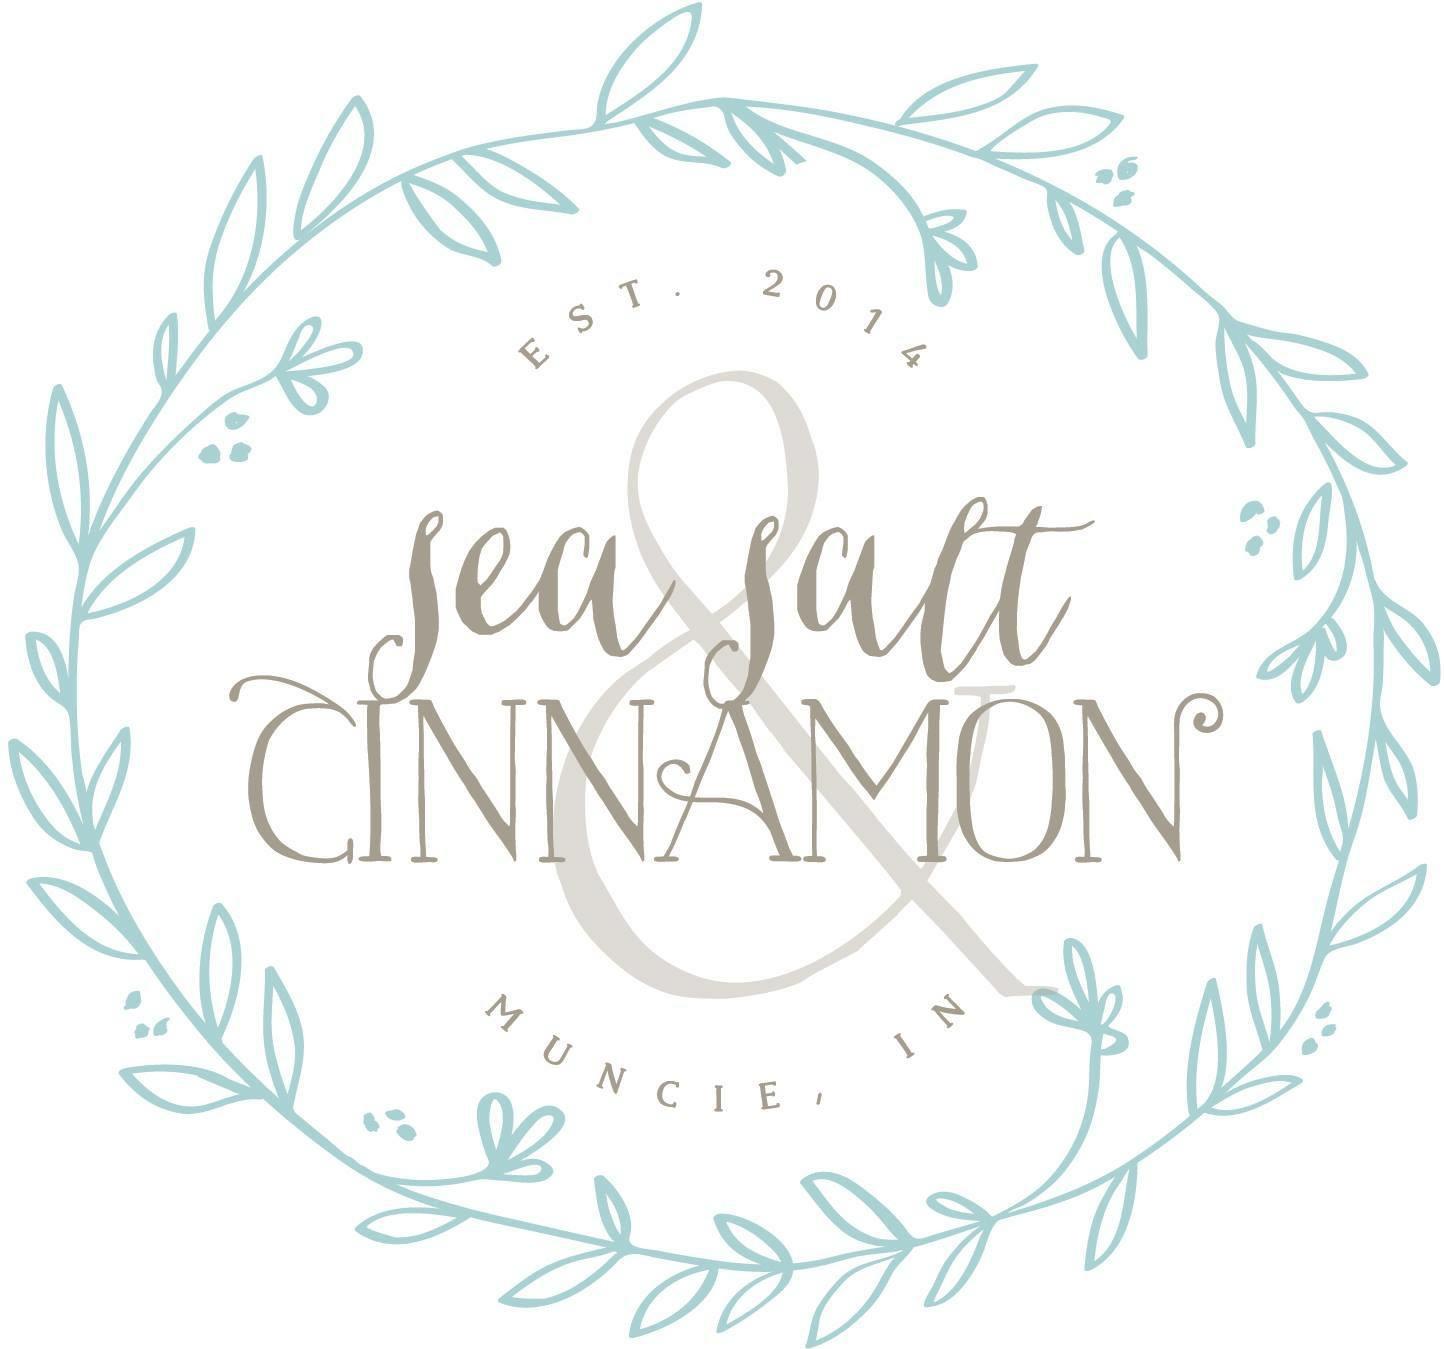 Sea Salt and Cinnamon Logo